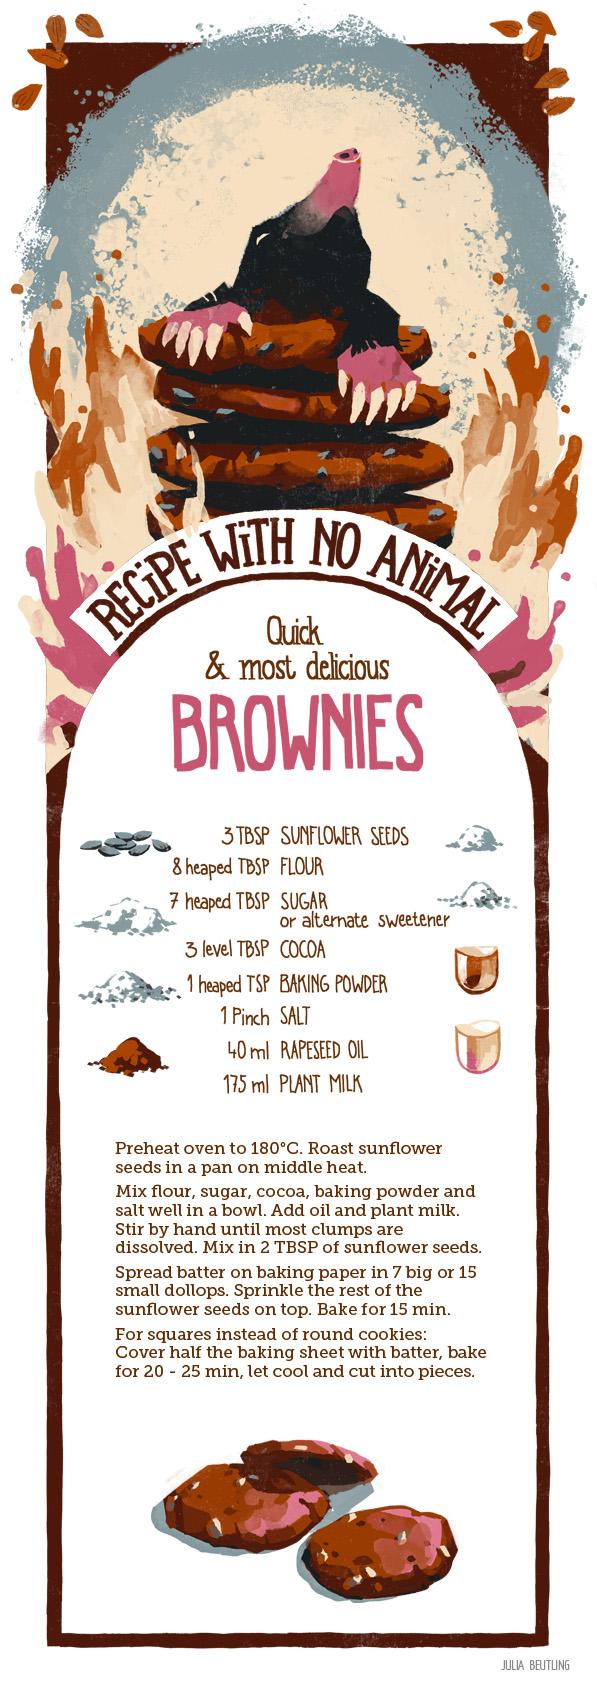 WEB rezept 7 EN brownies julia beutling